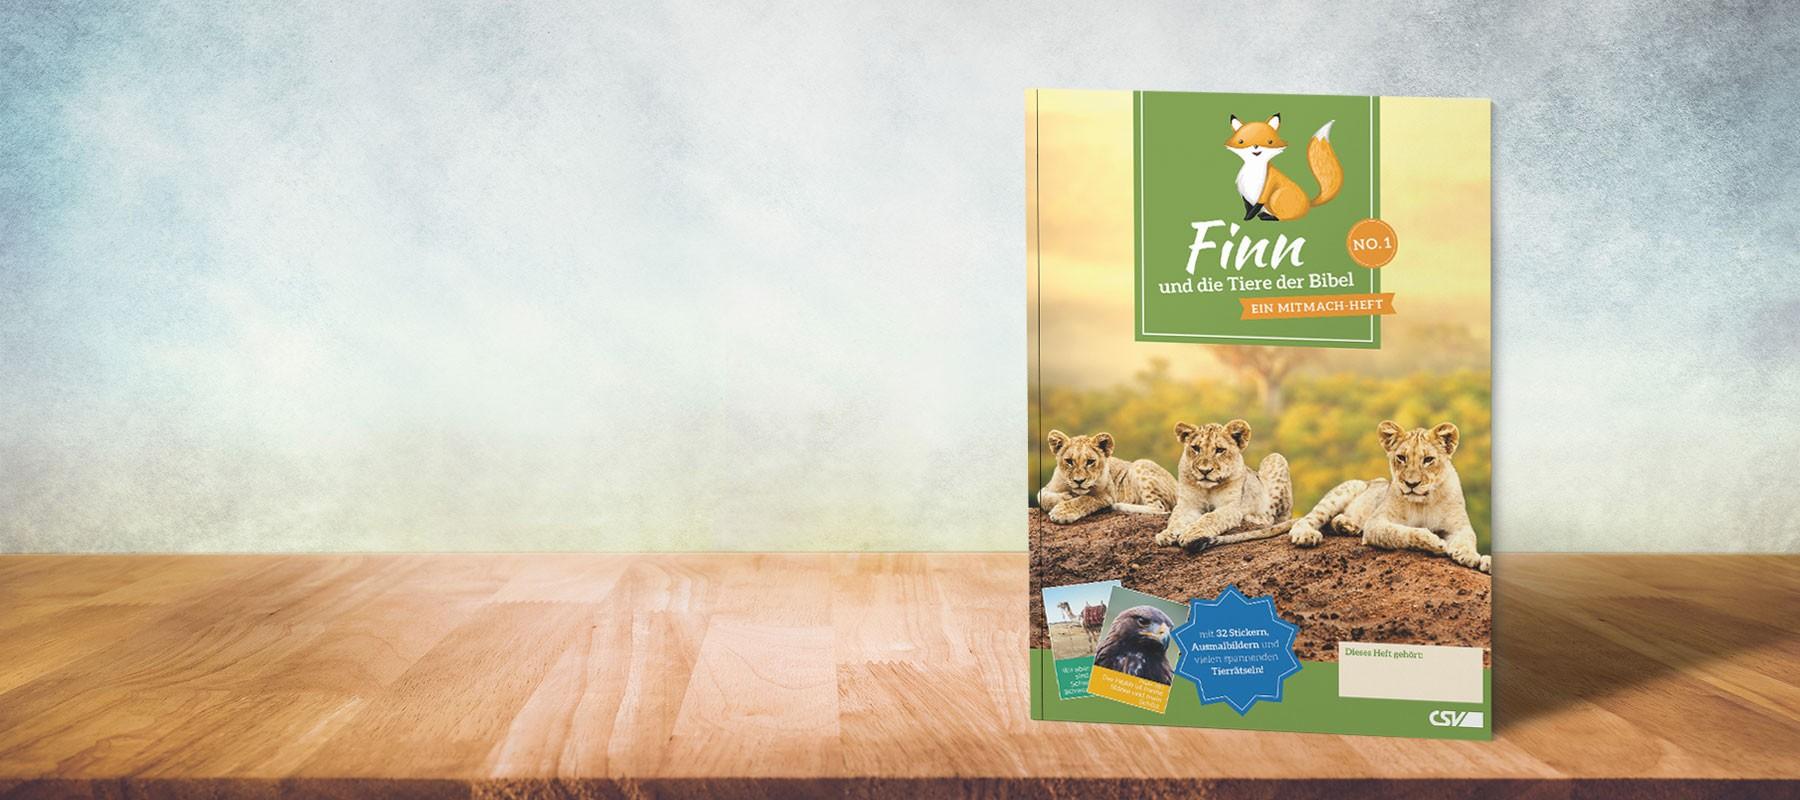 Finn und die Tiere der Bibel